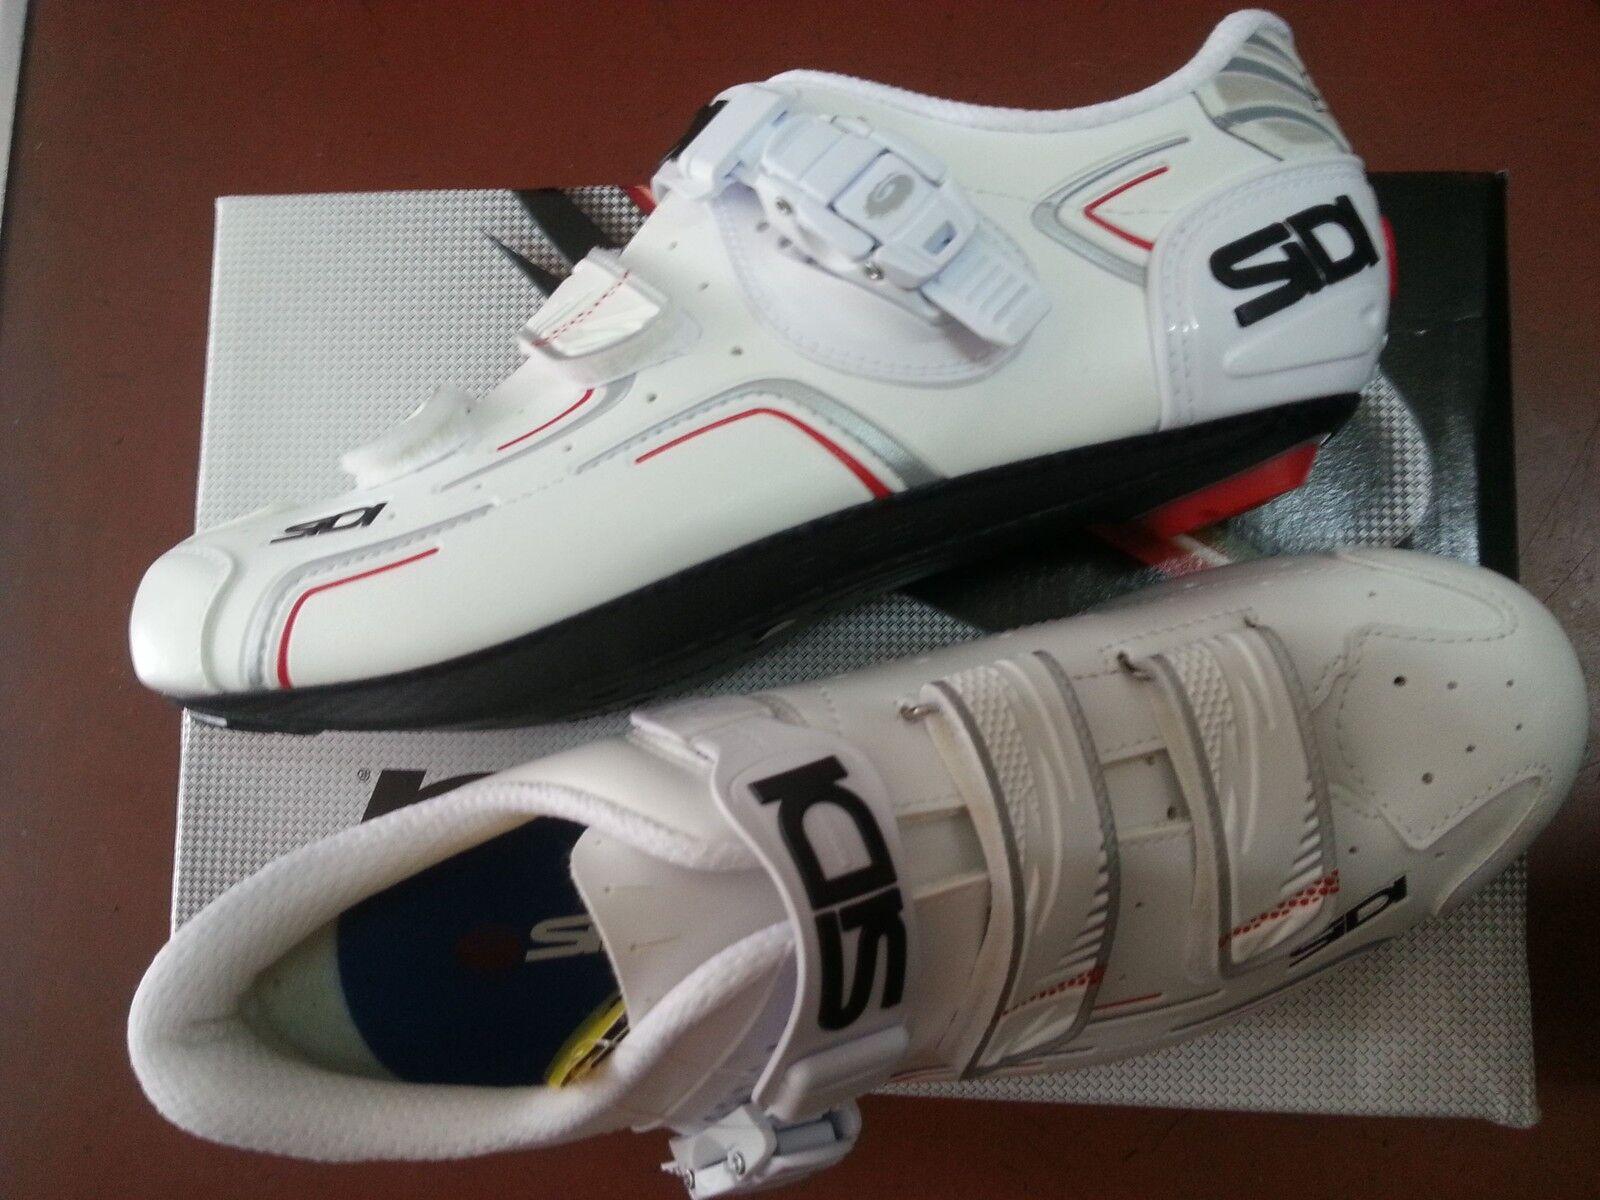 Schuhe SIDI X BICI DA 41 CORSA LEVEL TG 41 DA BIANCO Weiß fabd84